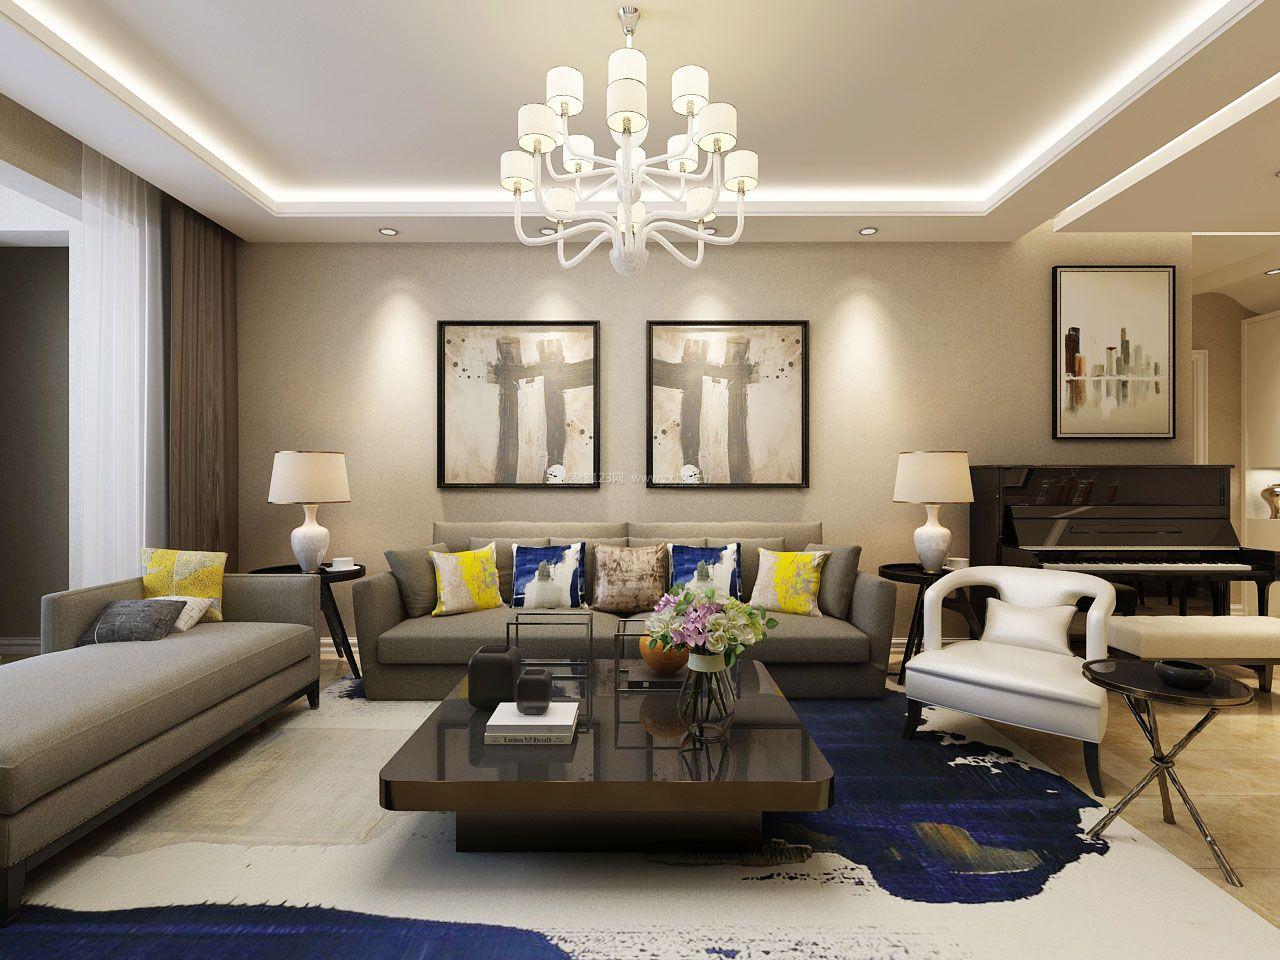 室内设计现代简约风格客厅地毯装修图片_装修123效果图